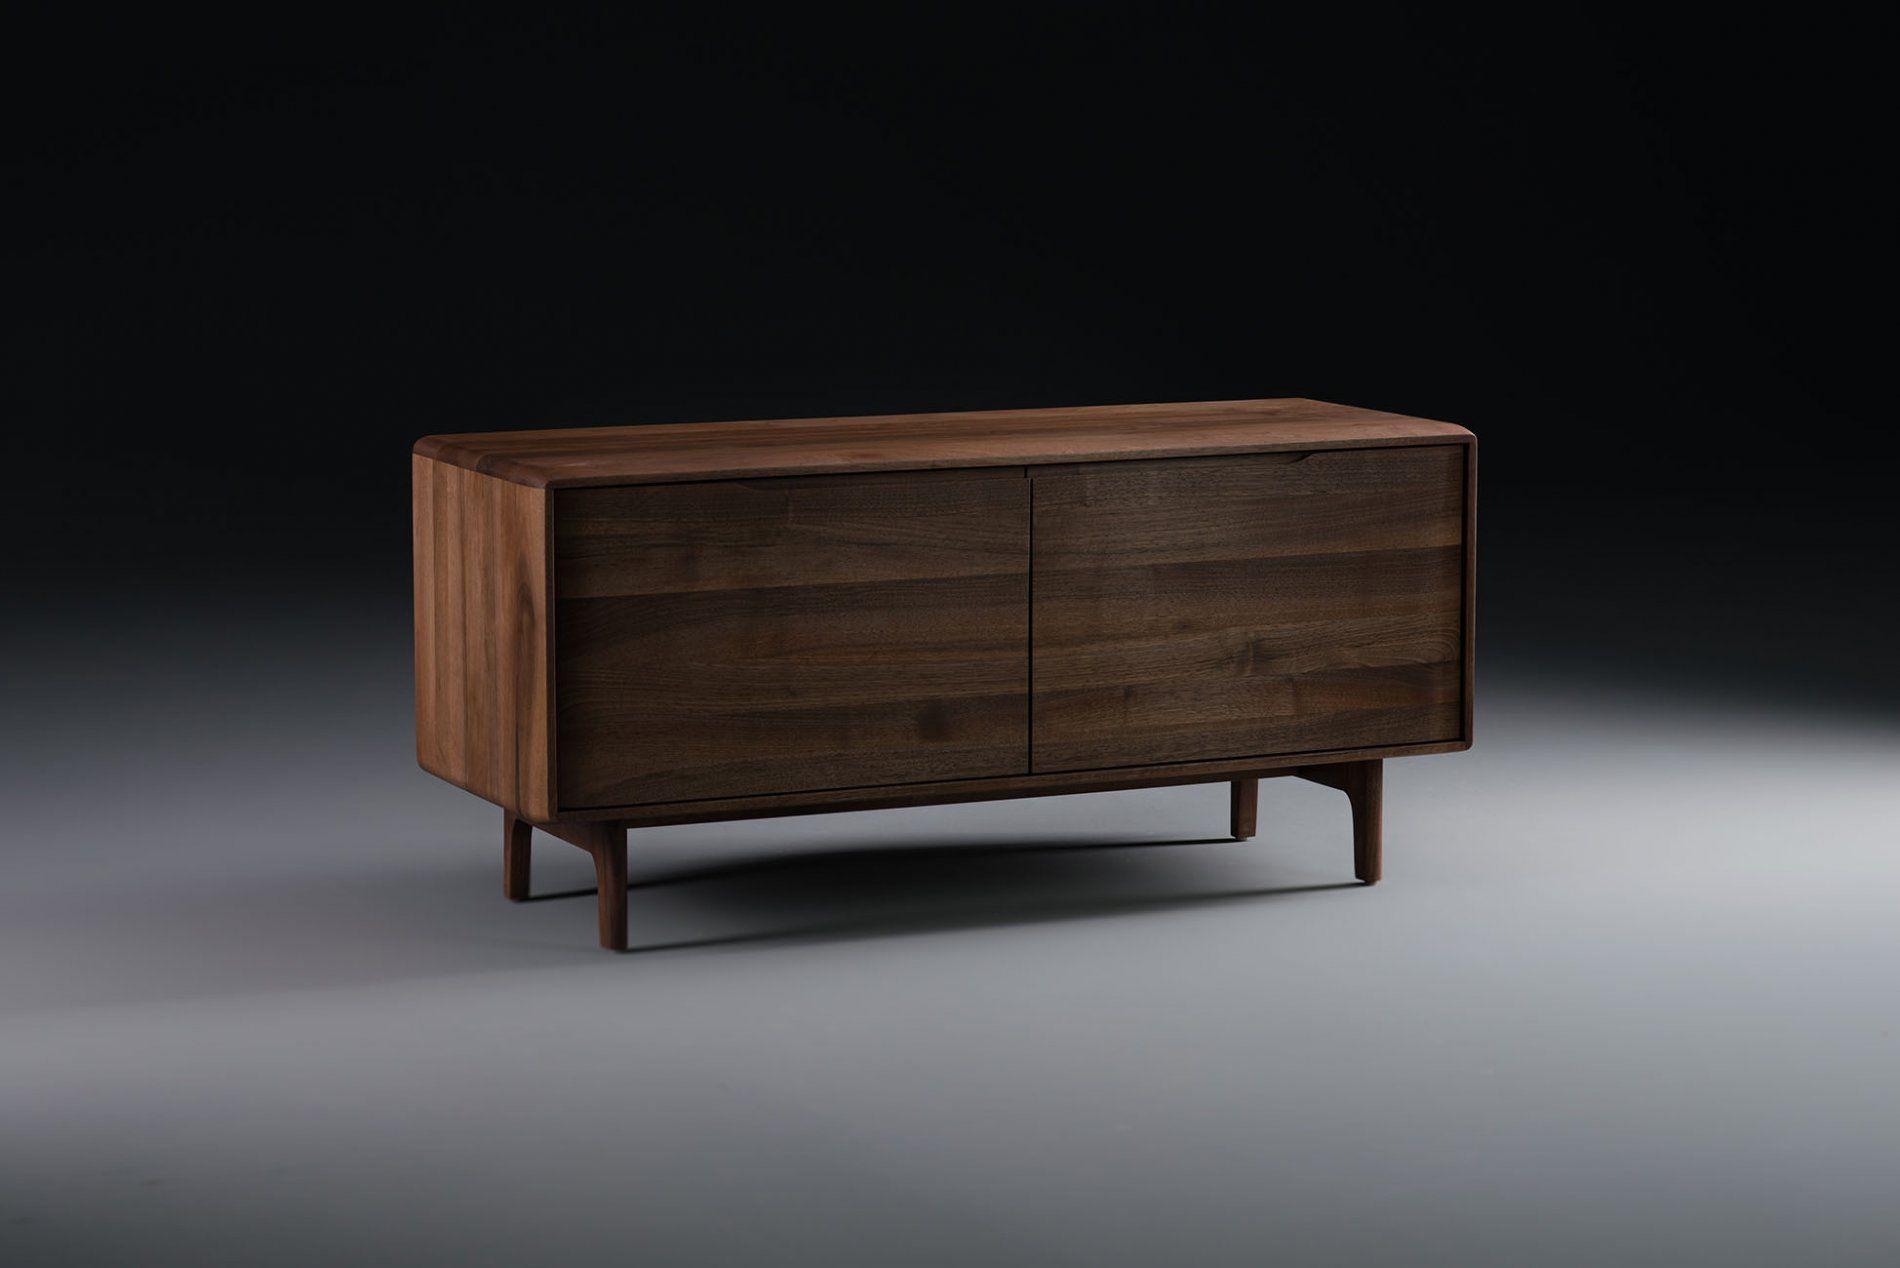 Credenza Moderna In Legno Massello : Credenza moderna in quercia noce legno massiccio